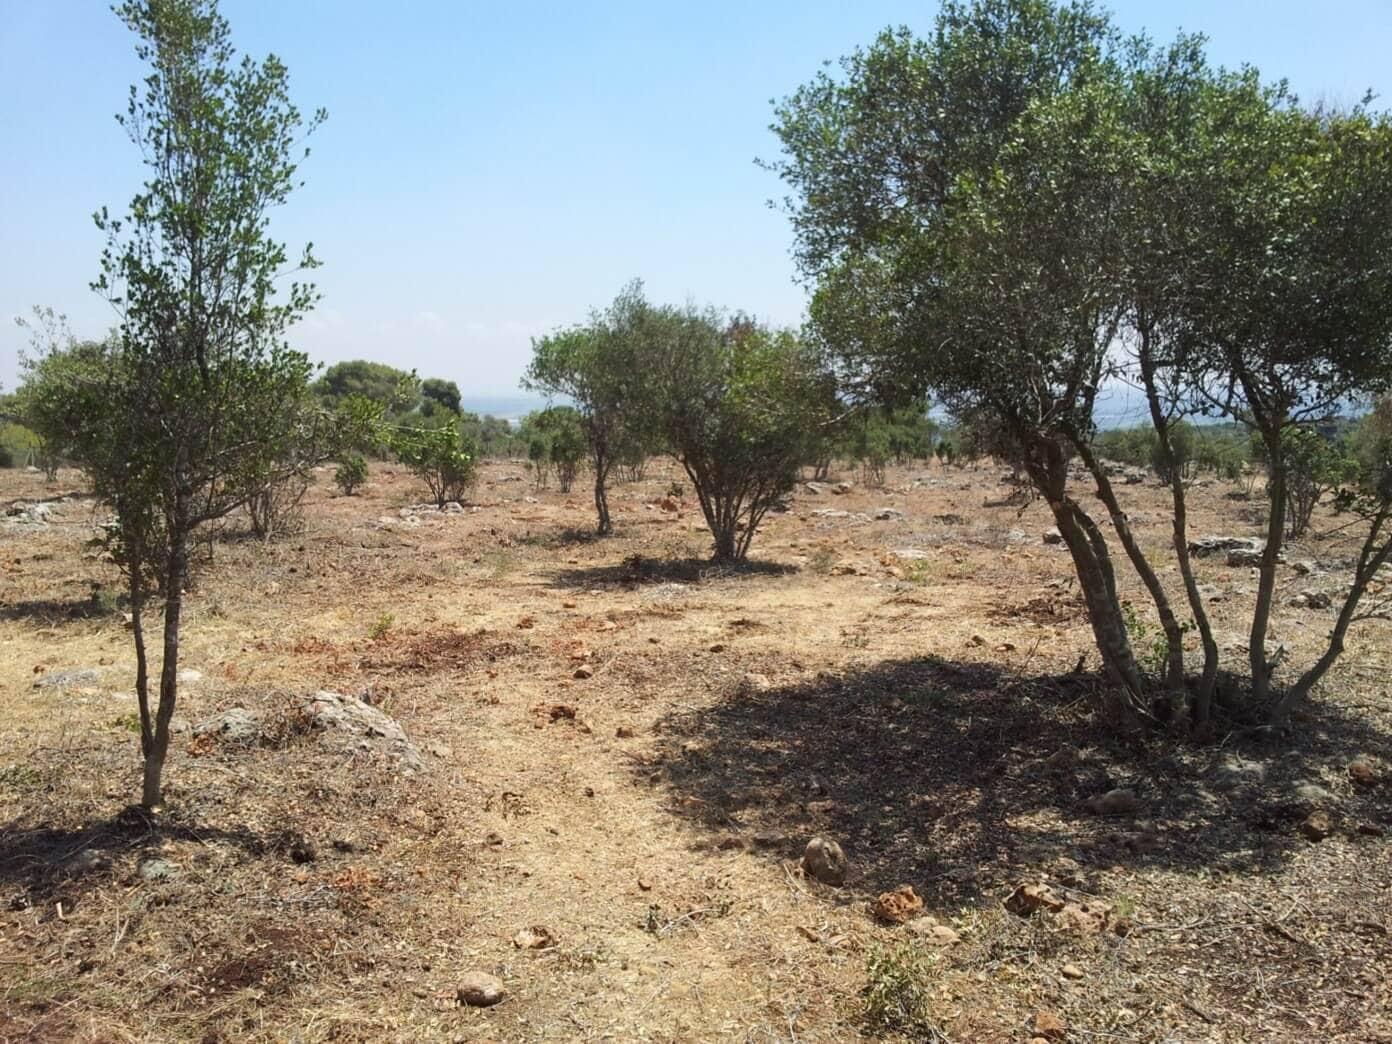 אזור חיץ למניעת שרפה באזור רמת הנדיב (צילום: אתר רמת הנדיב)